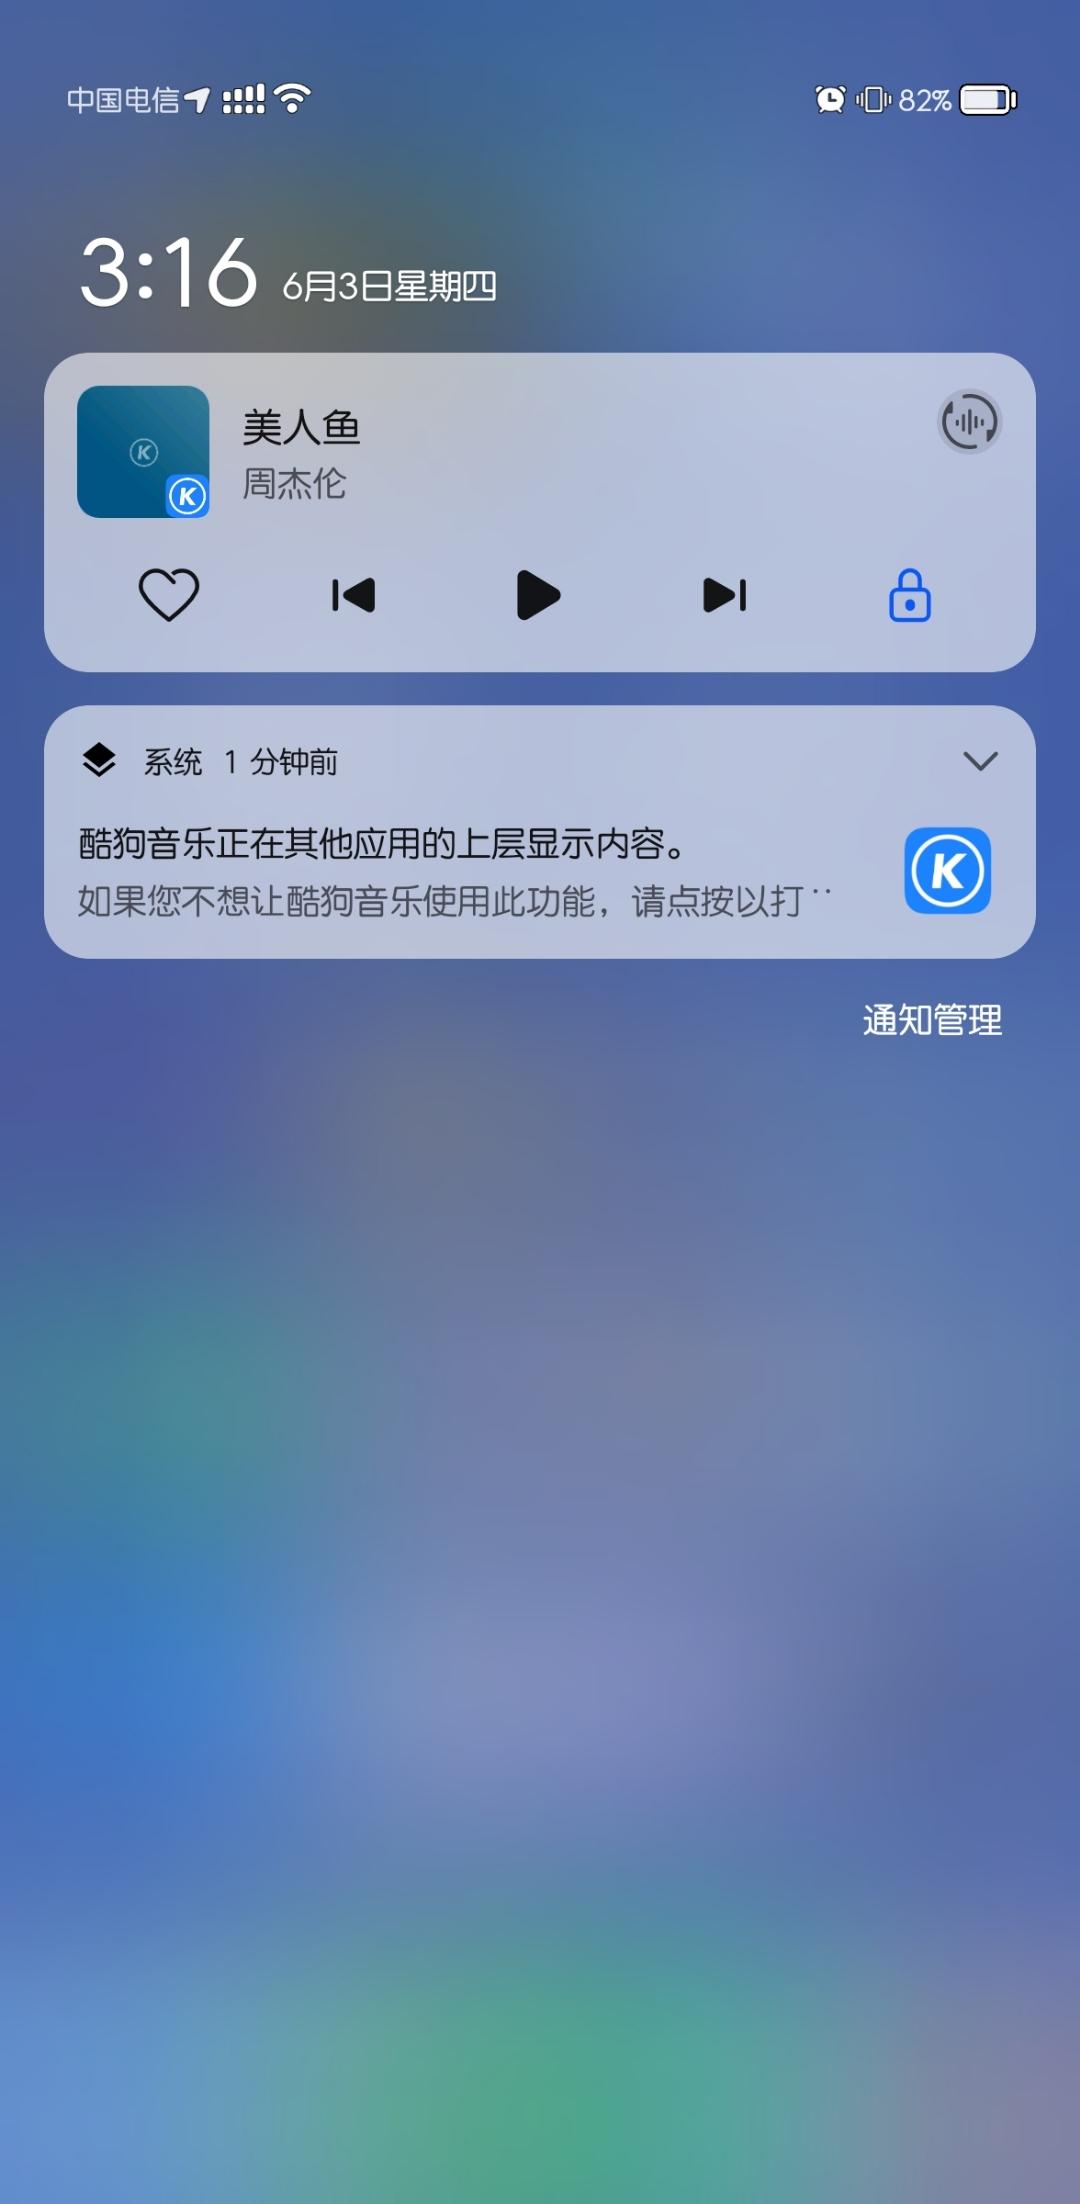 Screenshot_20210603_151620_com.huawei.android.launcher.jpg